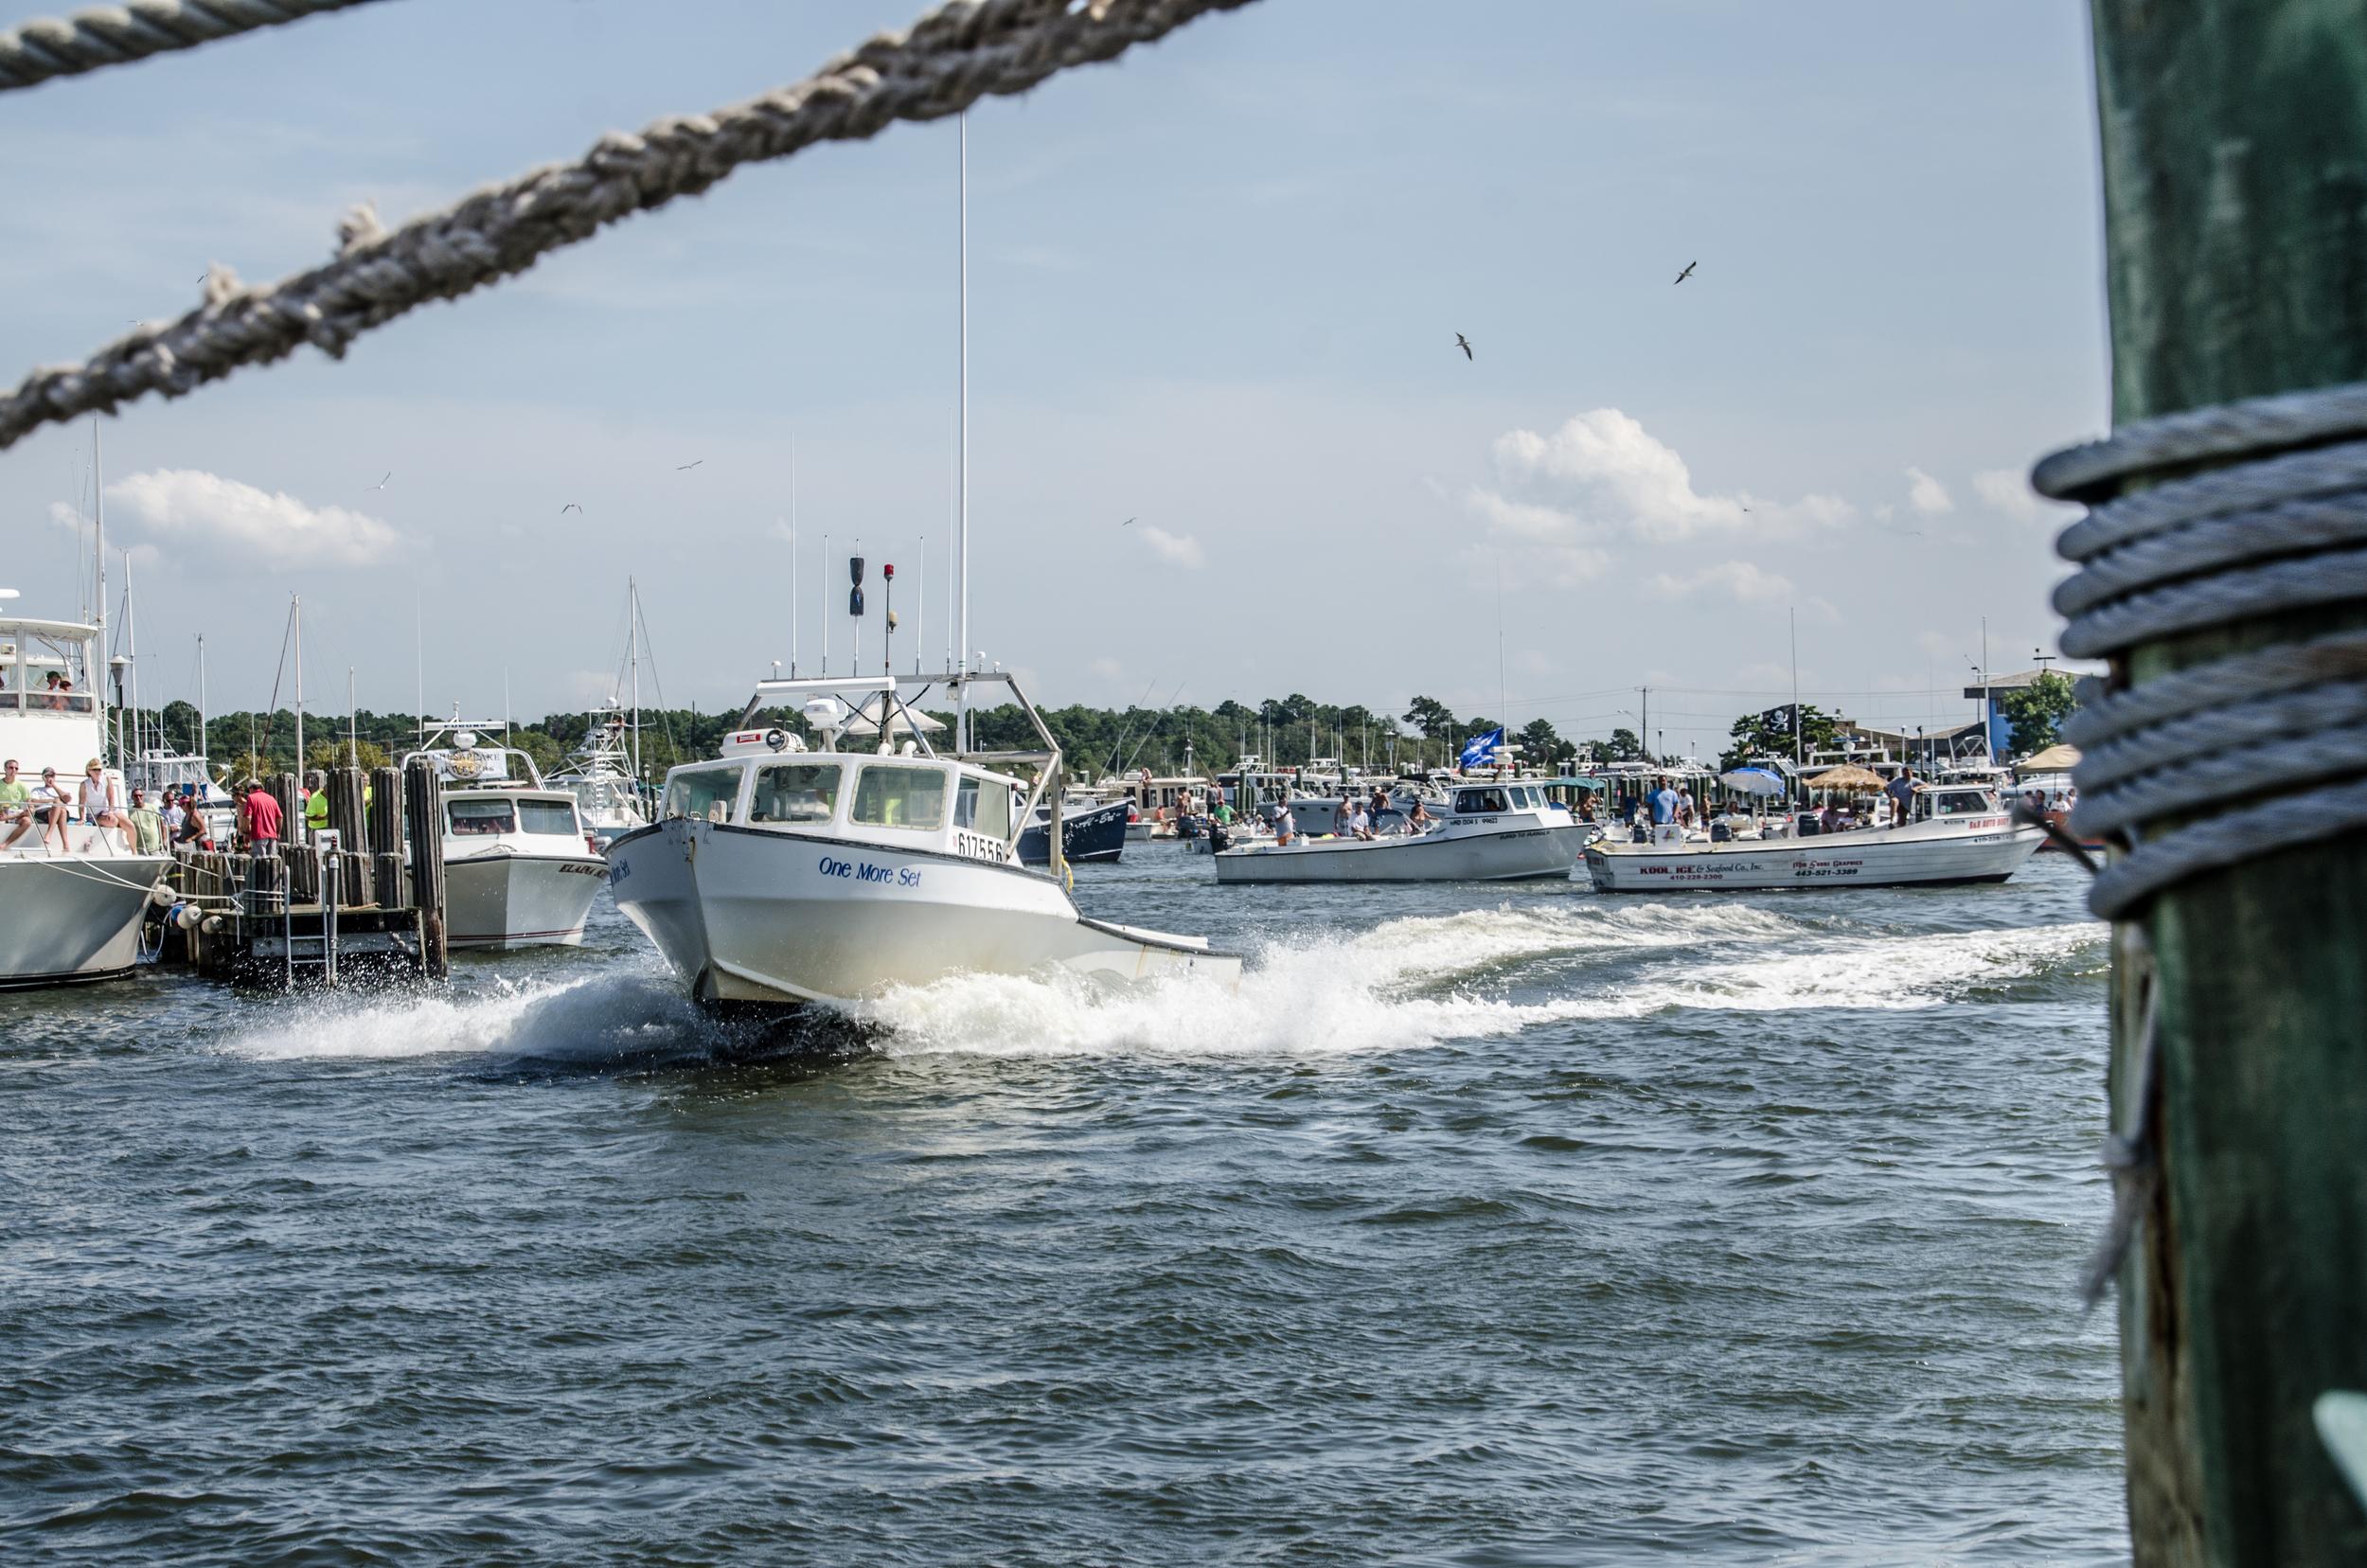 crisfielddock-0535.jpg